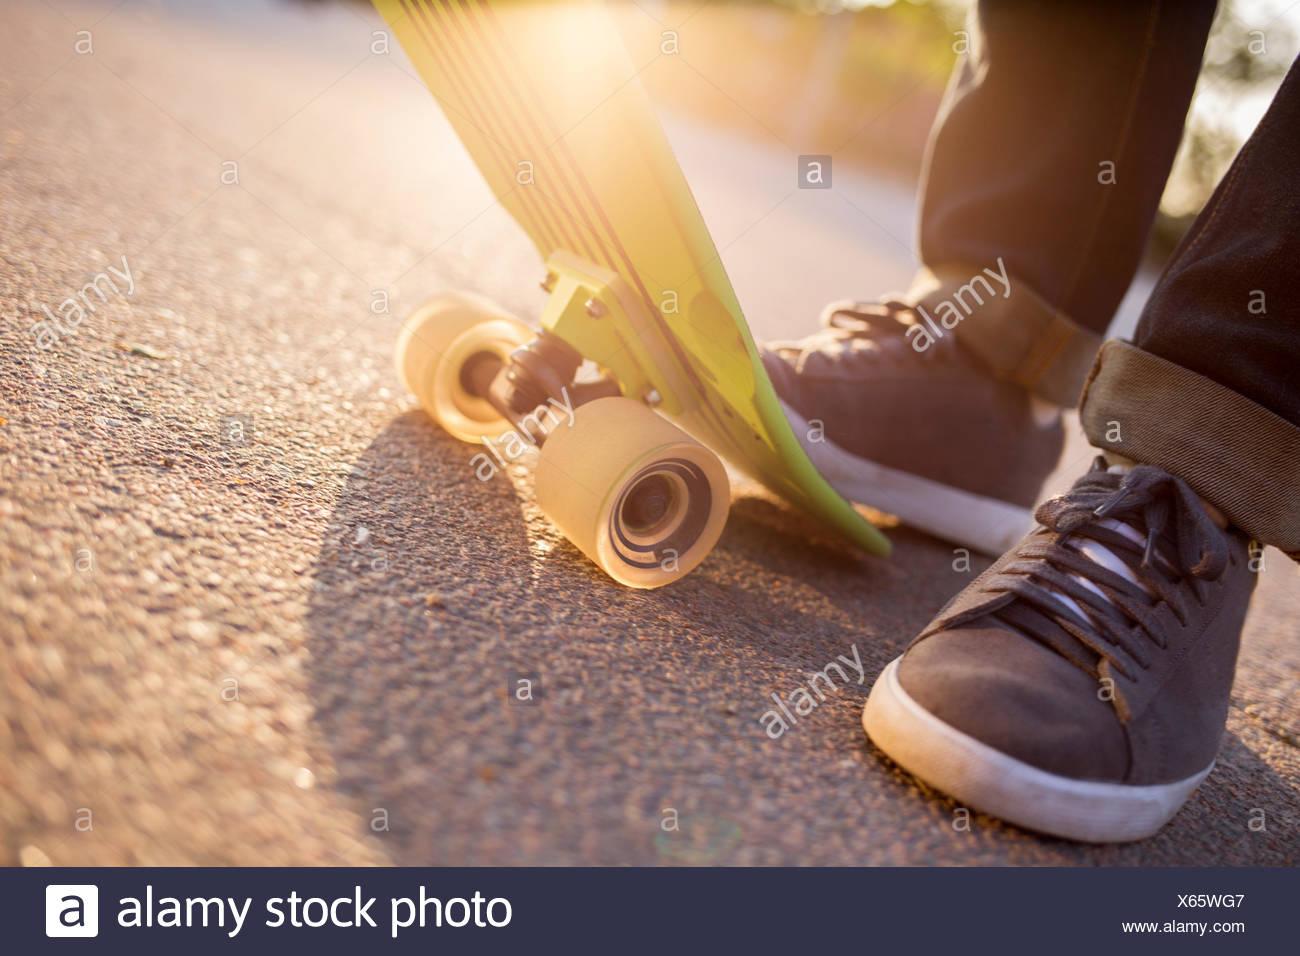 Schweden, Füße des Mannes mit skateboard Stockfoto